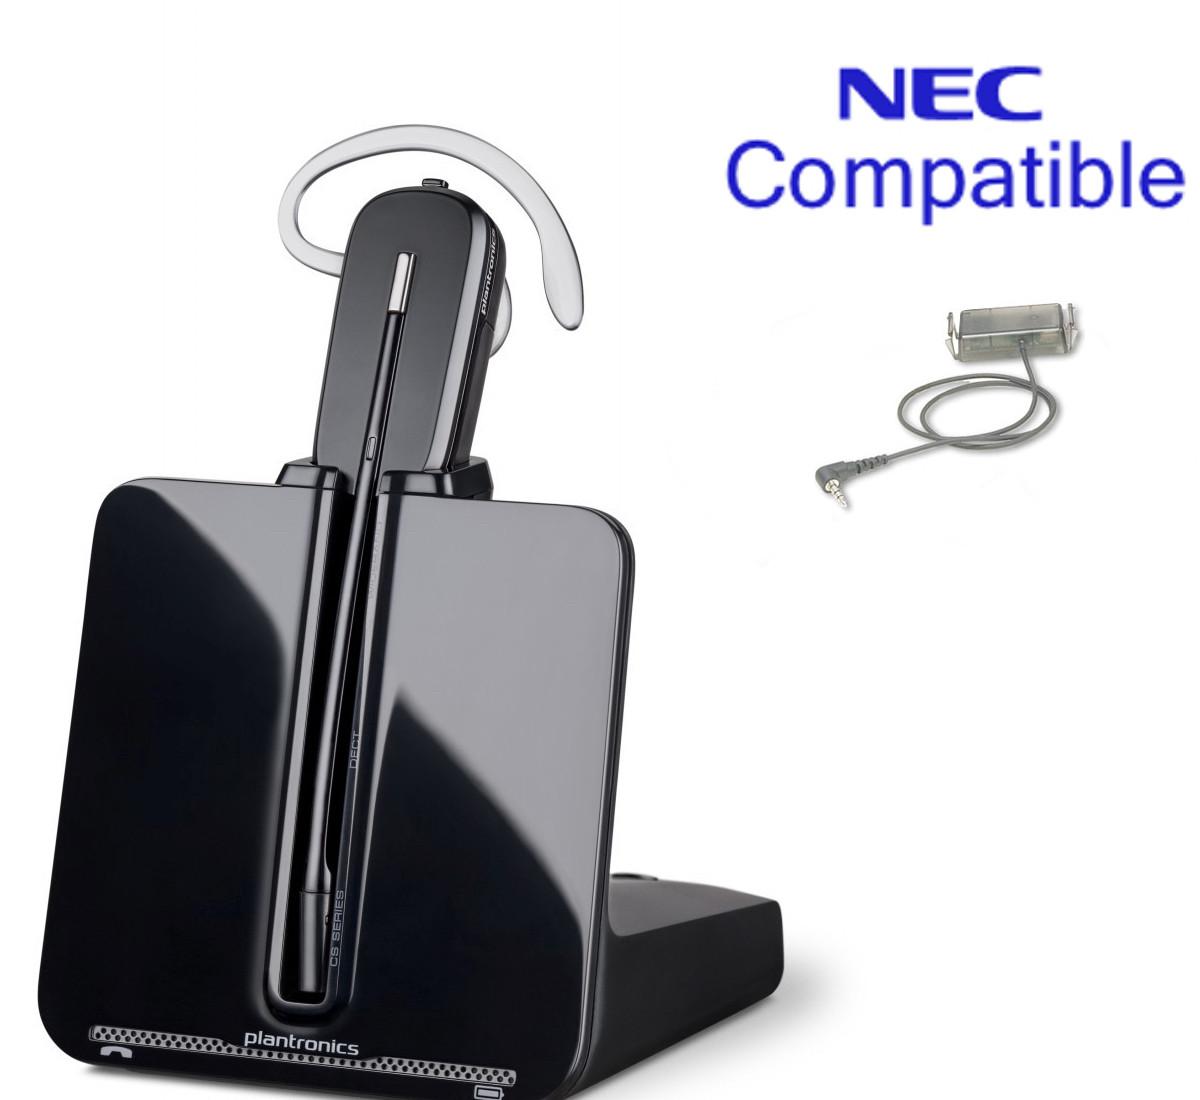 cs540_nec_compatible_sl1100_dsx34b_bundle__90516.1428386660.1280.1280?c=2 nec compatible plantronics cordless headset bundle cs540 ehs with nec sl1100 wiring diagram at reclaimingppi.co